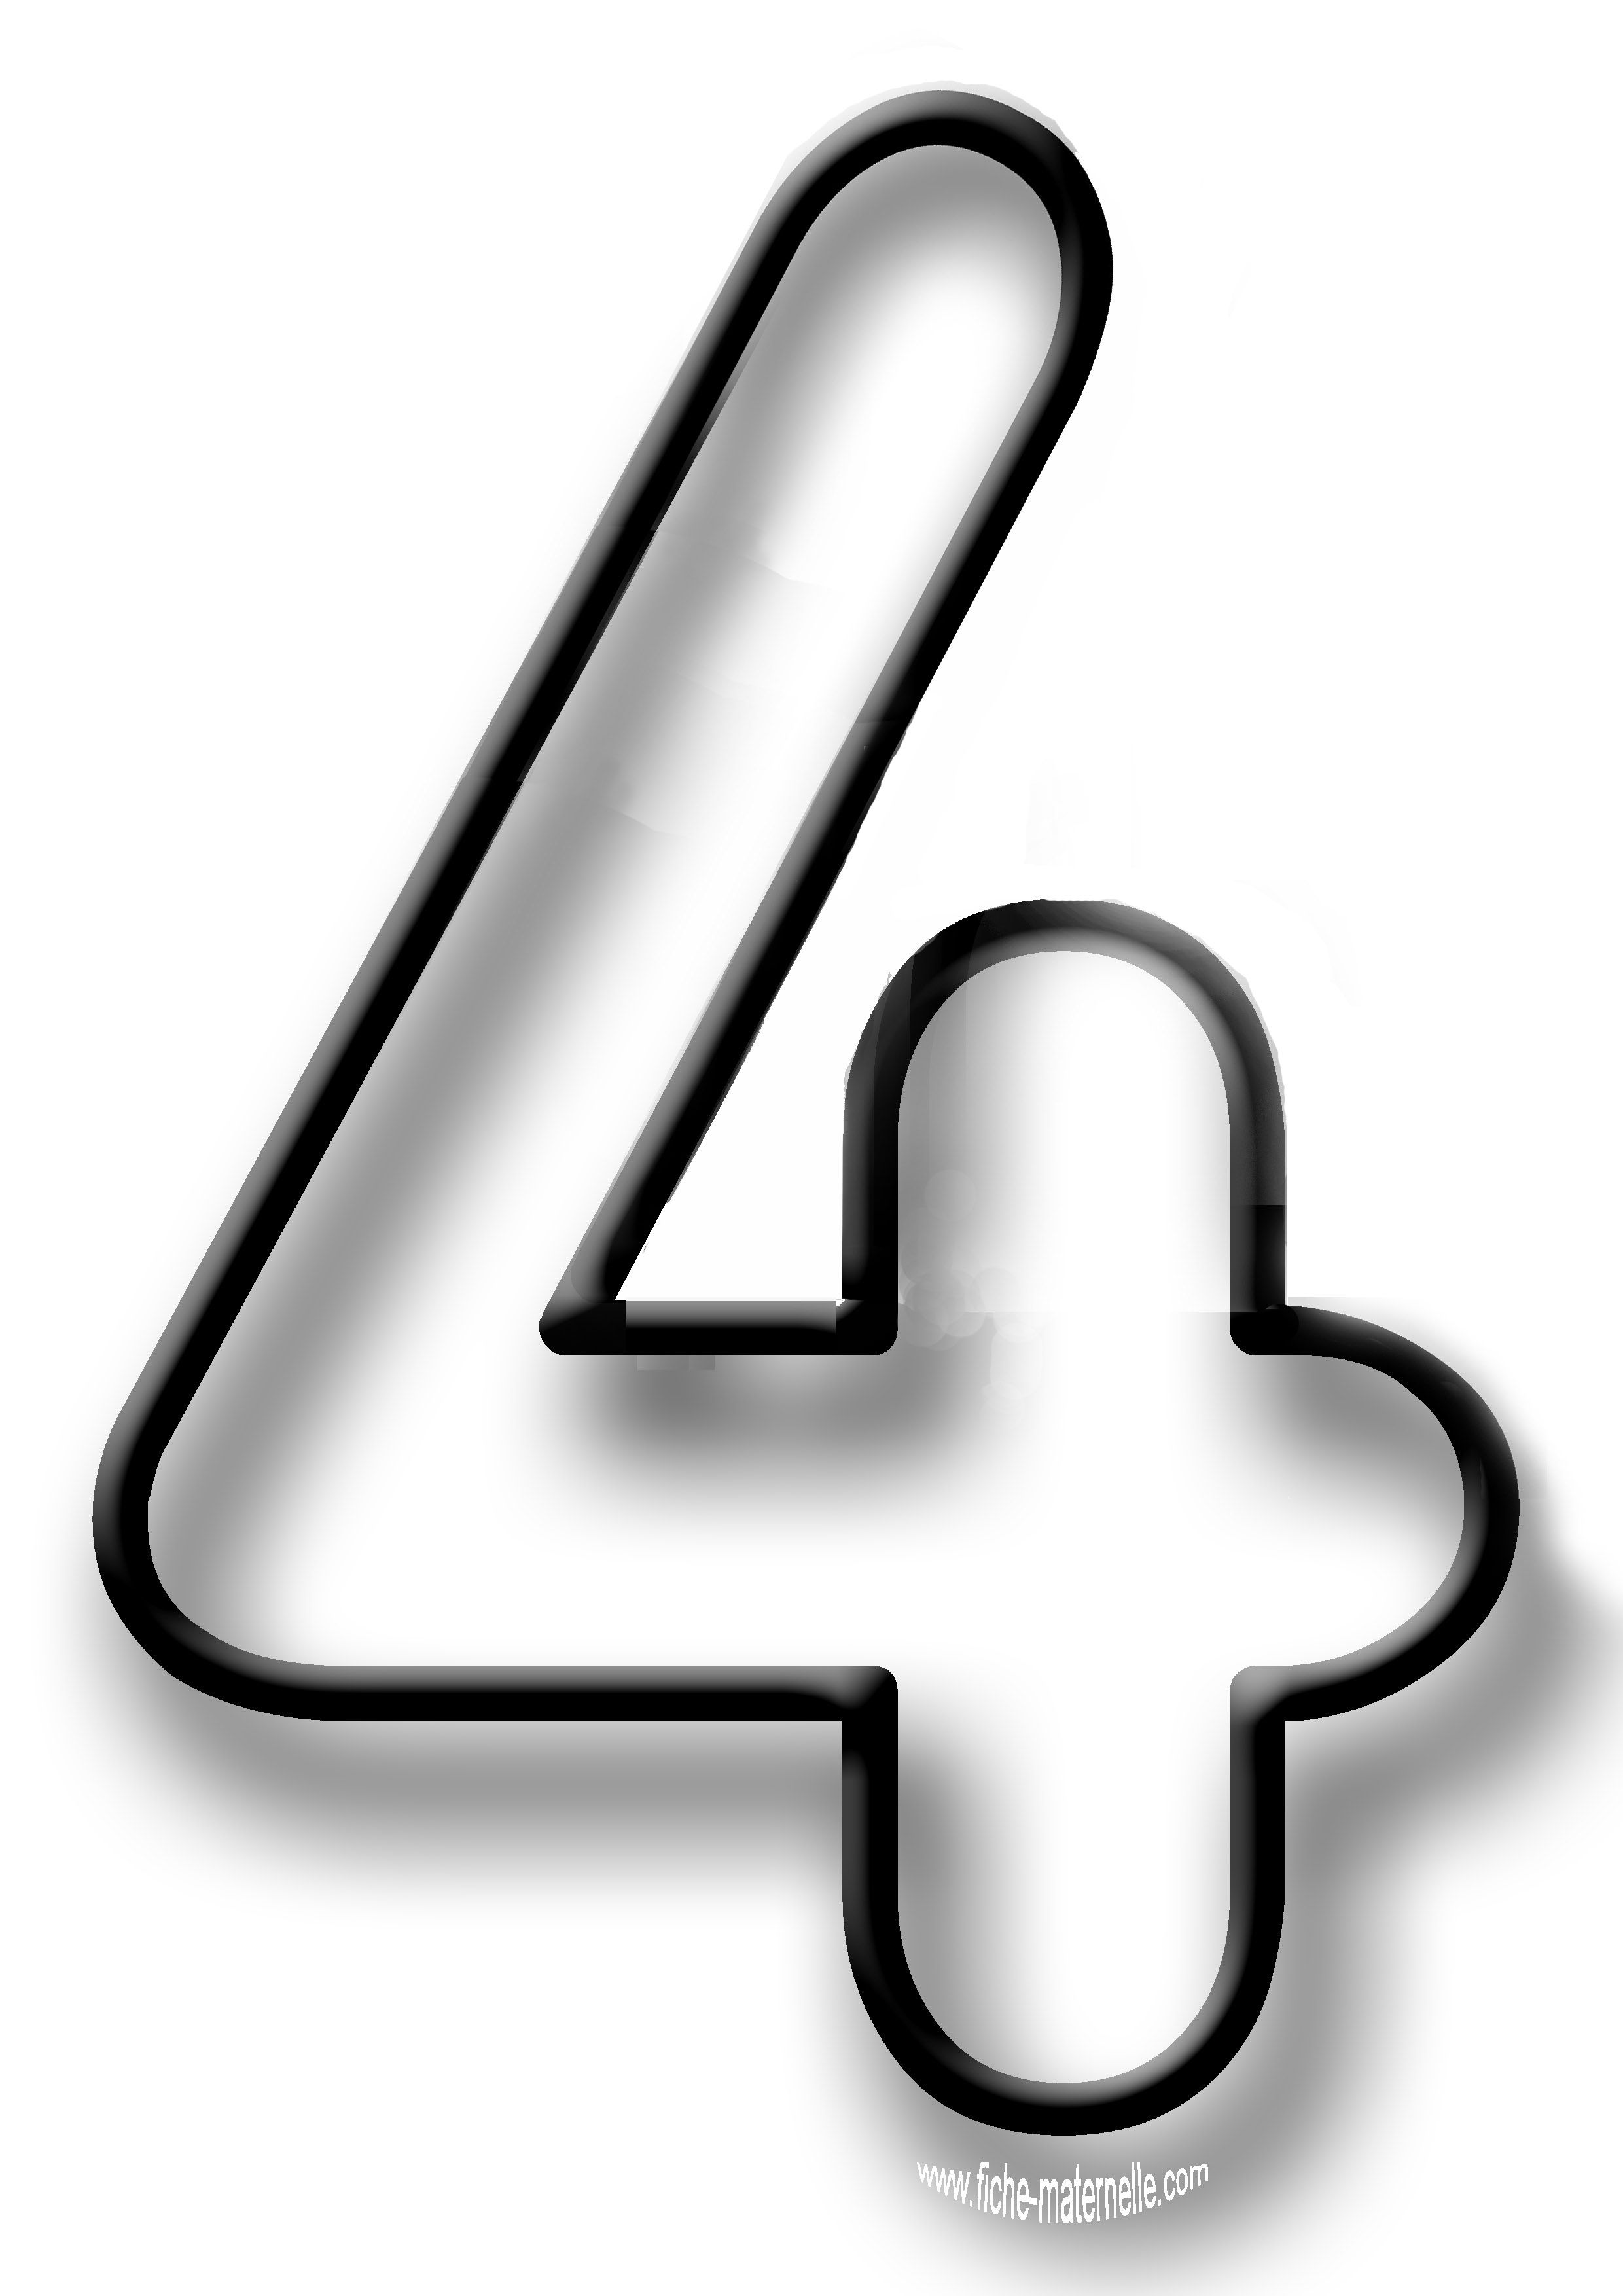 Coloriage des chiffres 04 four coloriage chiffre chiffre a imprimer chiffre - Dessin de chiffre ...